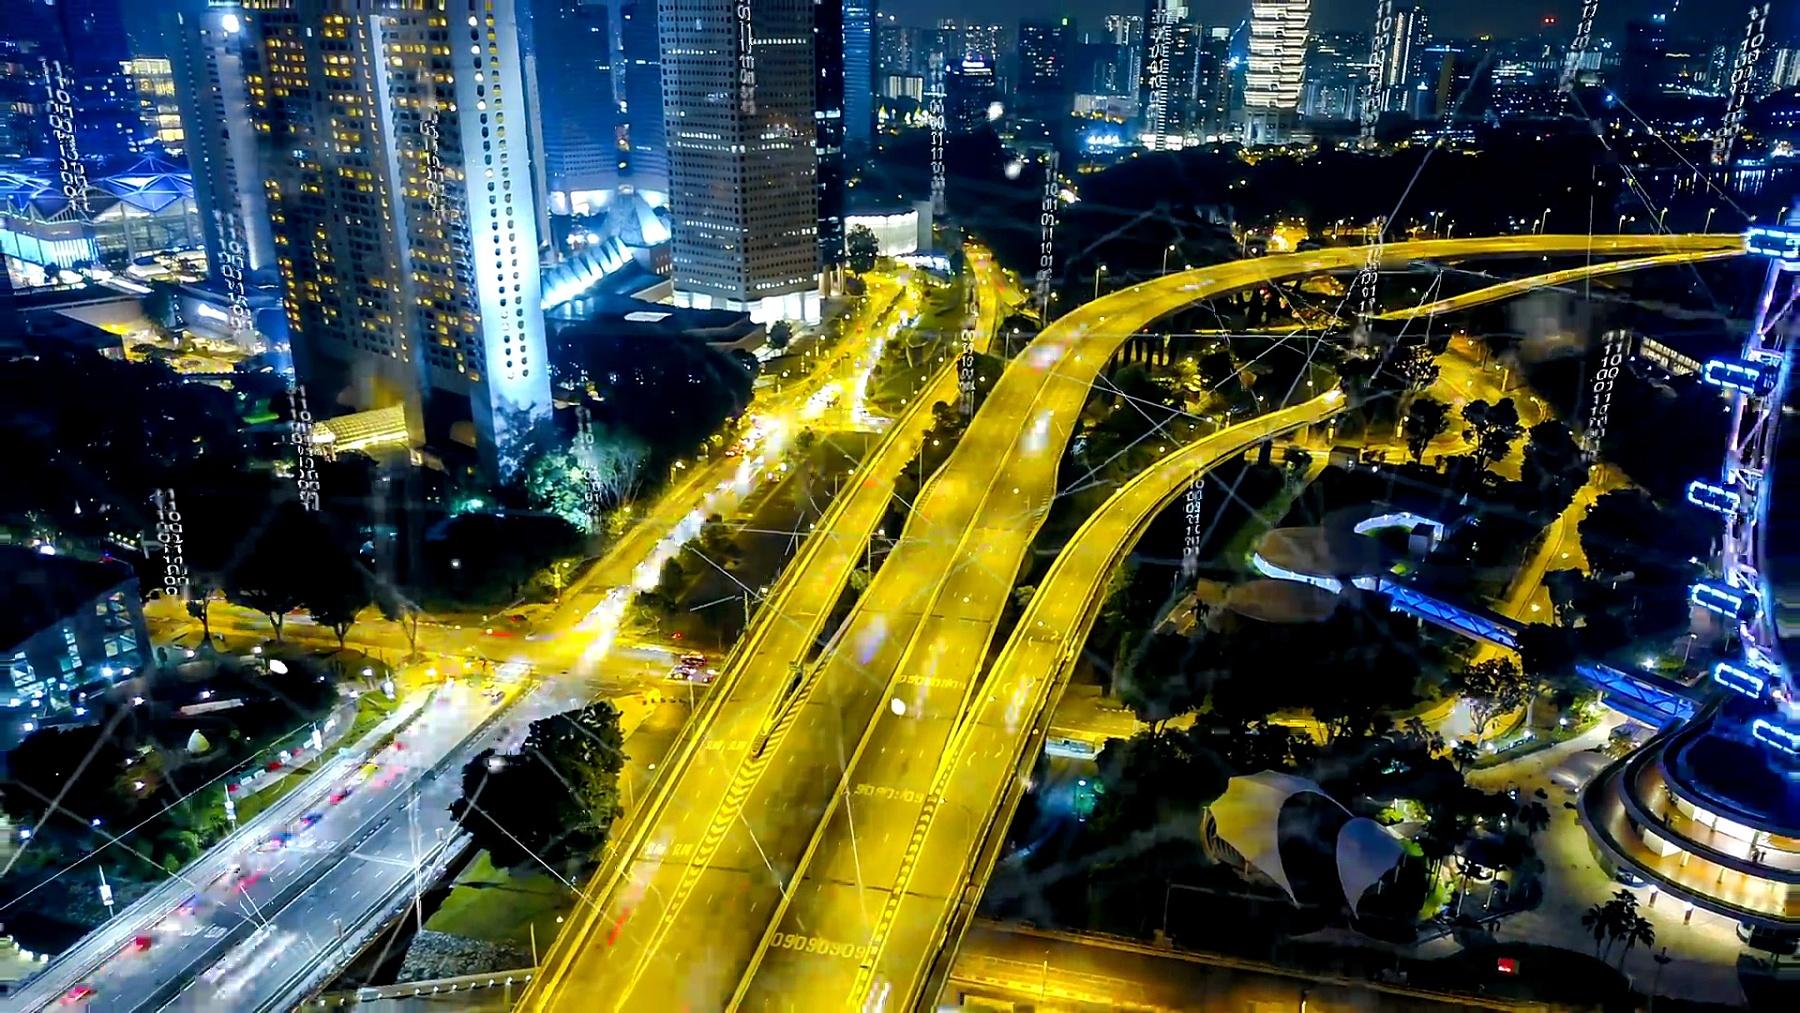 鸟瞰新加坡现代城市和通讯网络,智慧城市。物联网。信息通信网。传感器网络。智能电网。概念抽象。